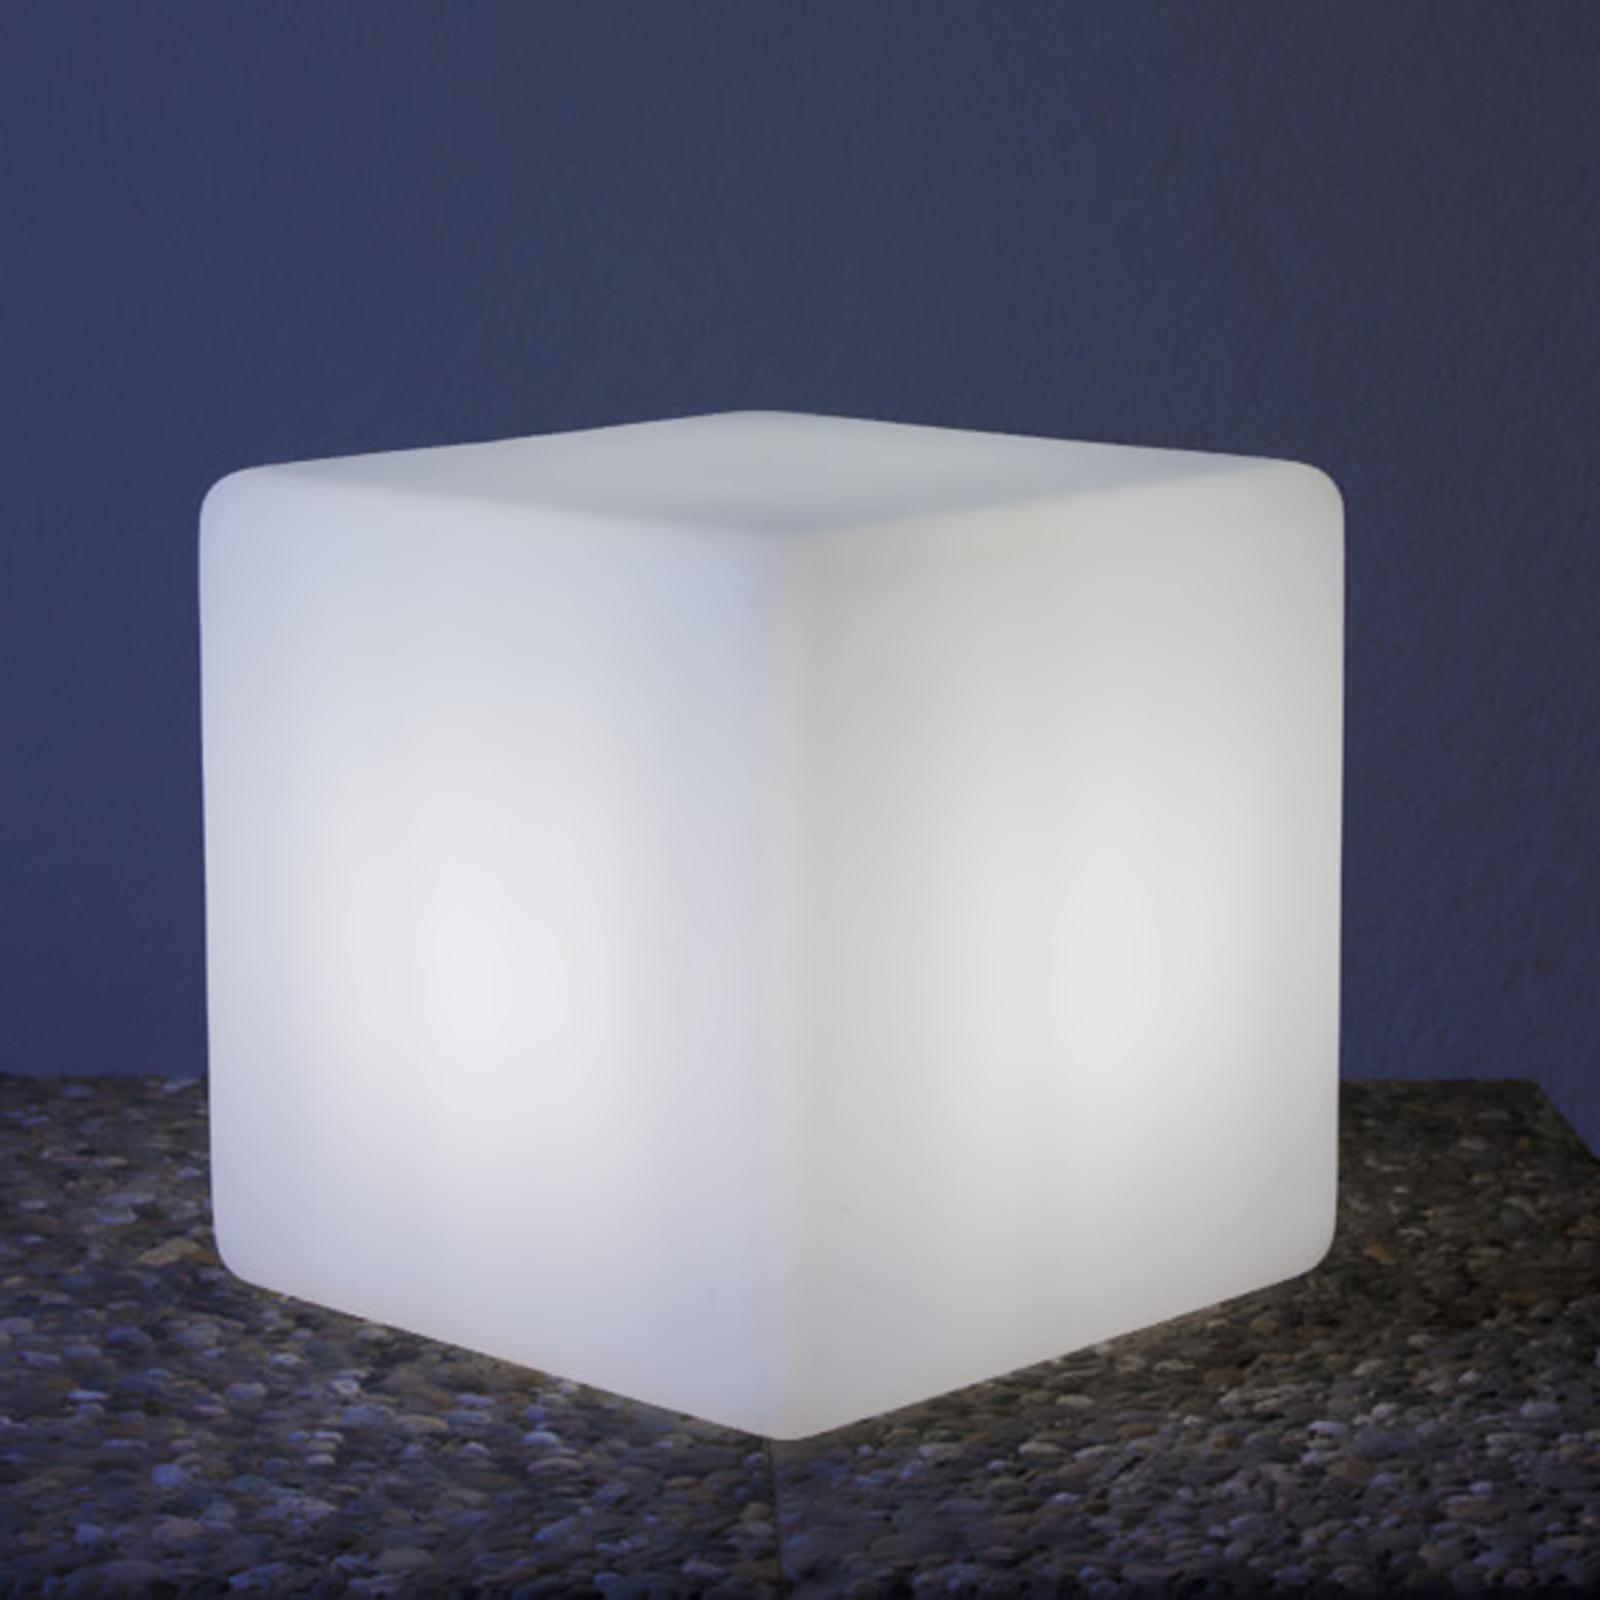 Lampa w kształcie kostki Cube 35 cm